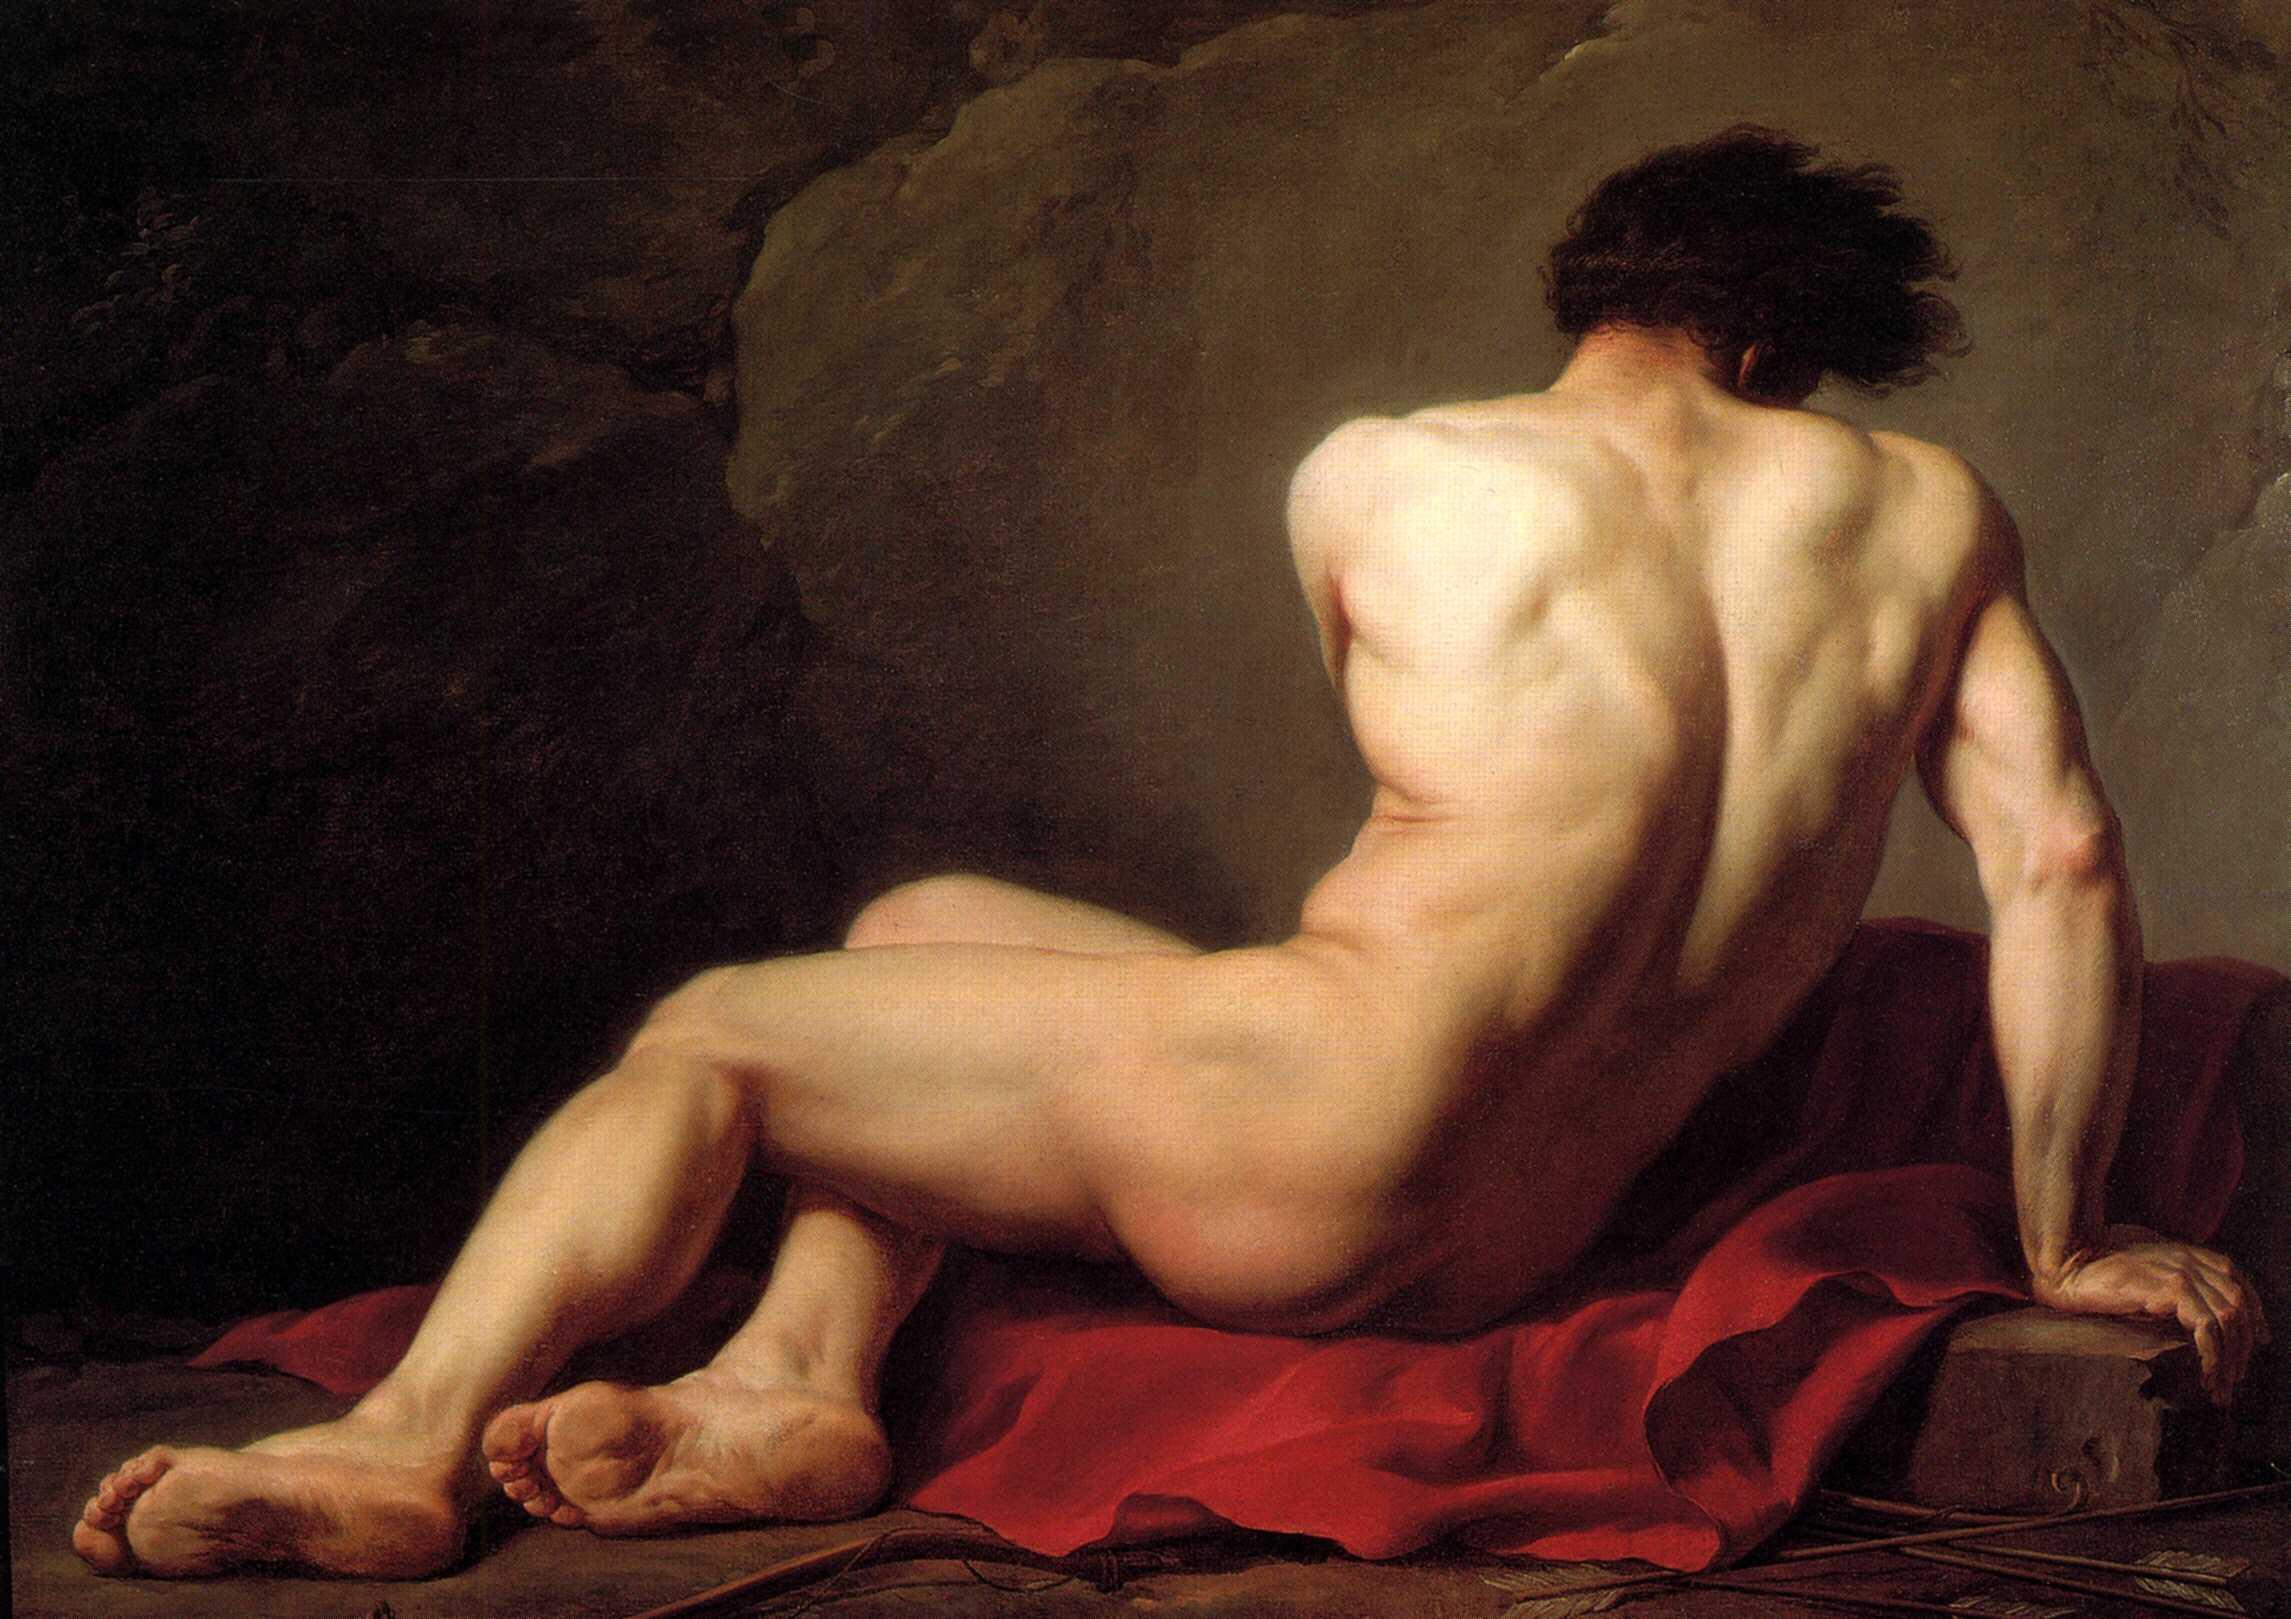 Портрет Обнаженного Мужчины